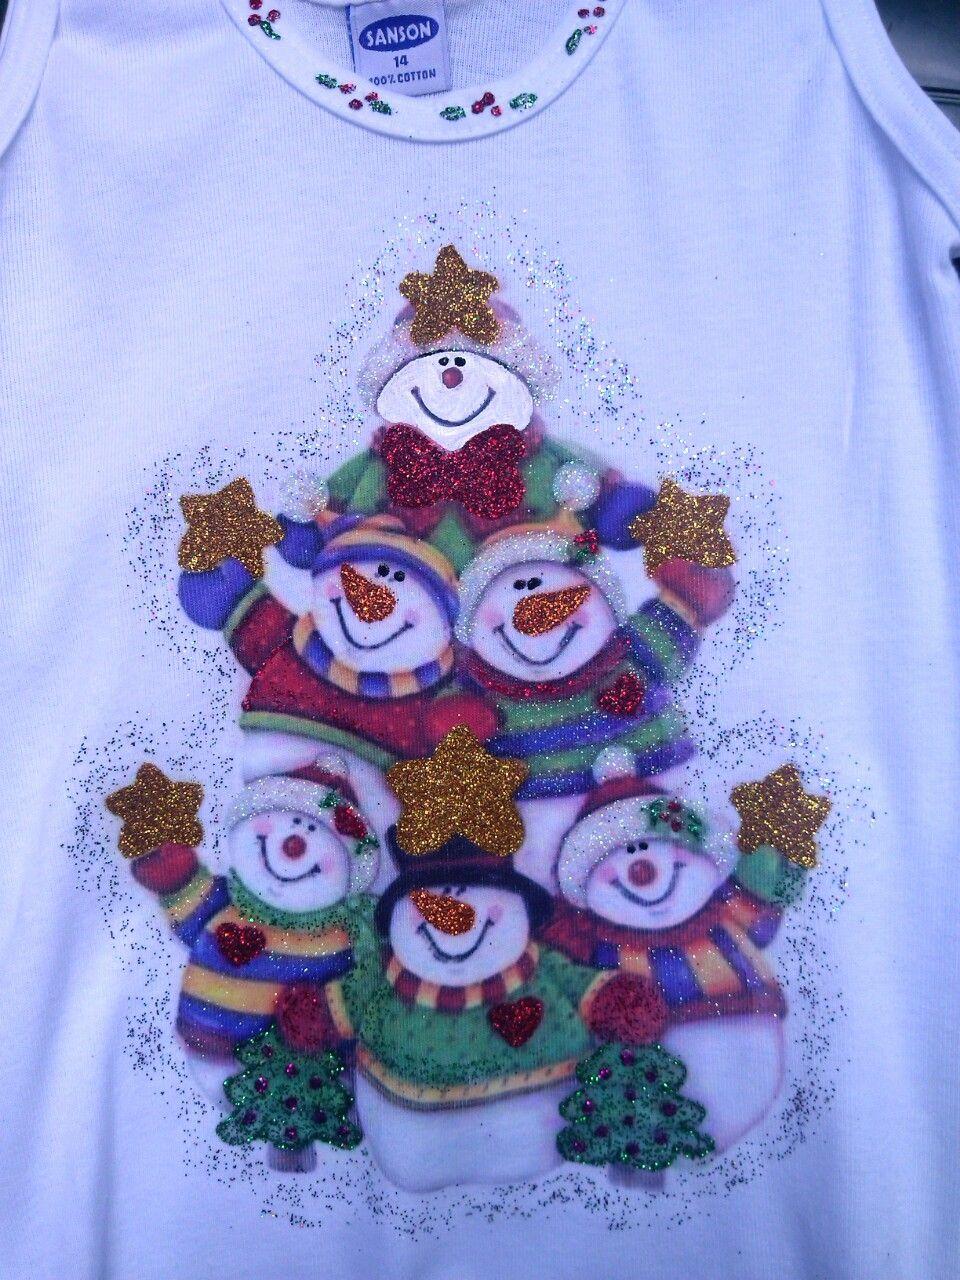 Estampados Imagenes De Franelas Decoradas De Navidad Elegantes Unas